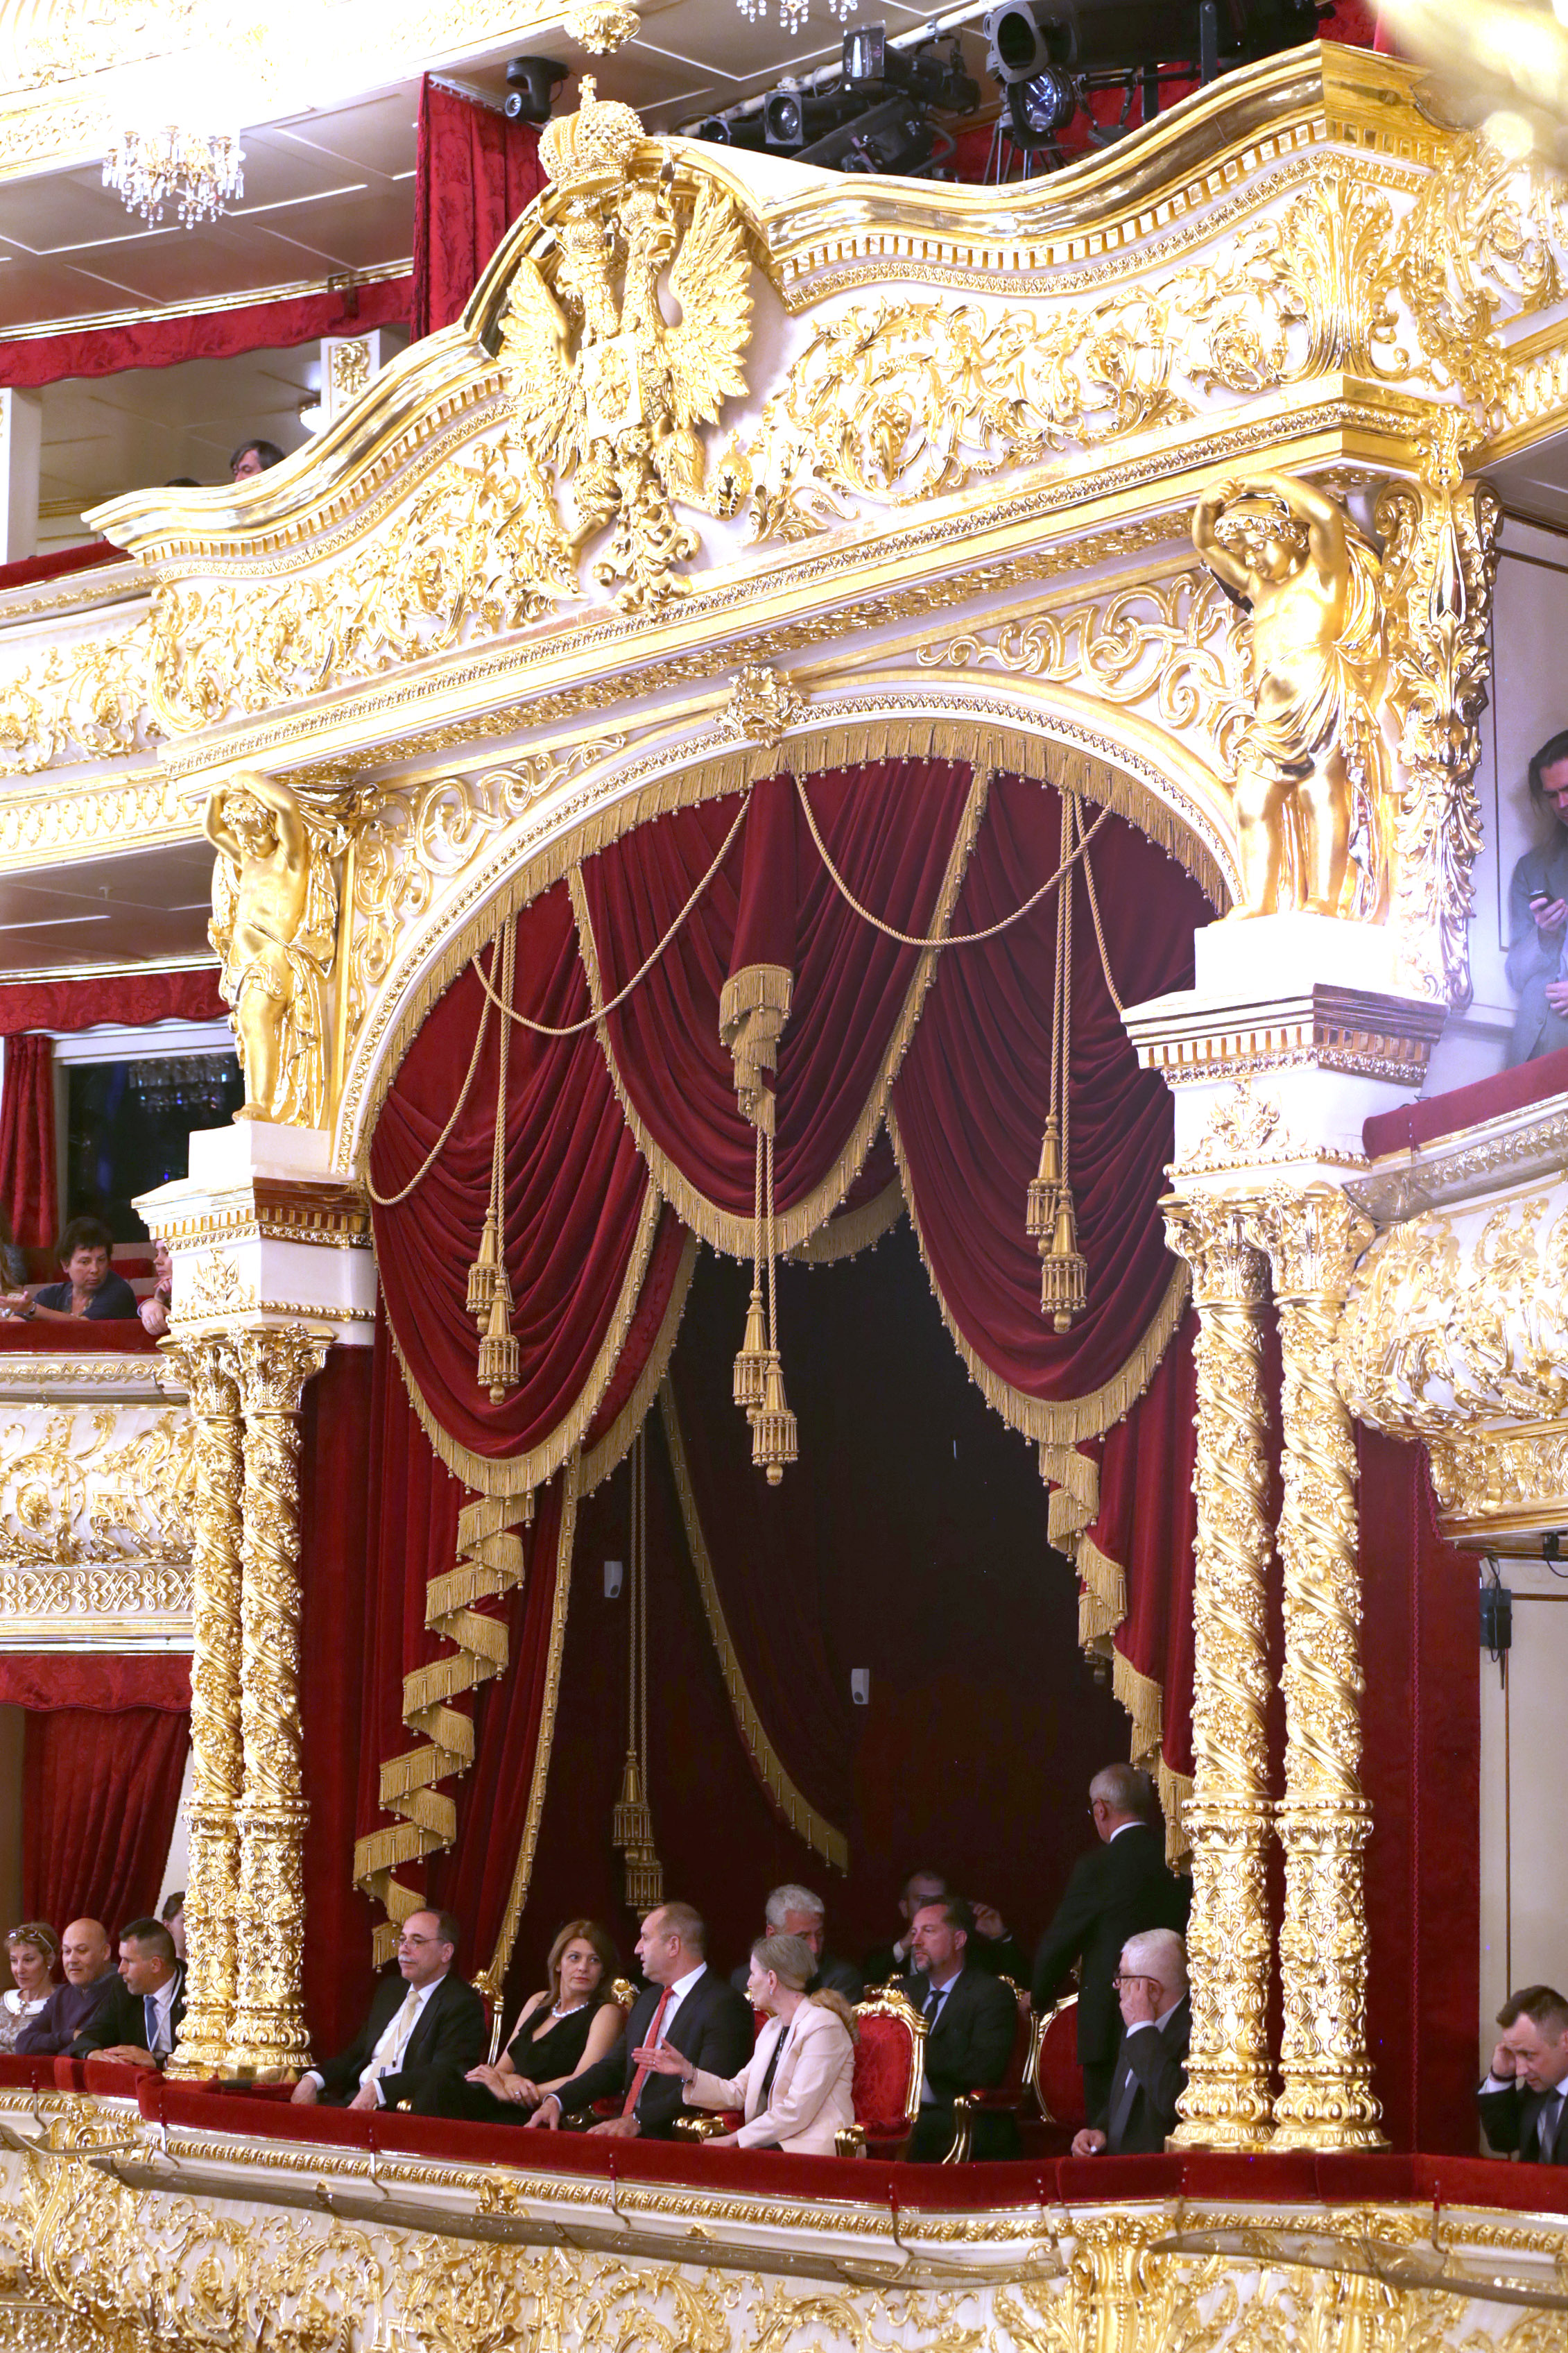 """В Болшой театър президентът Румен Радев и съпругата му Десислава присъстваха на оперната постановка """"Зигфрид"""" от Рихард Вагнер на Софийската опера и балет. Десислава Радева е заложила на черен гащеризон с отворено деколте. Тоалетът е съчетан със светли обувки на висок ток, както и колиев същия цвят."""